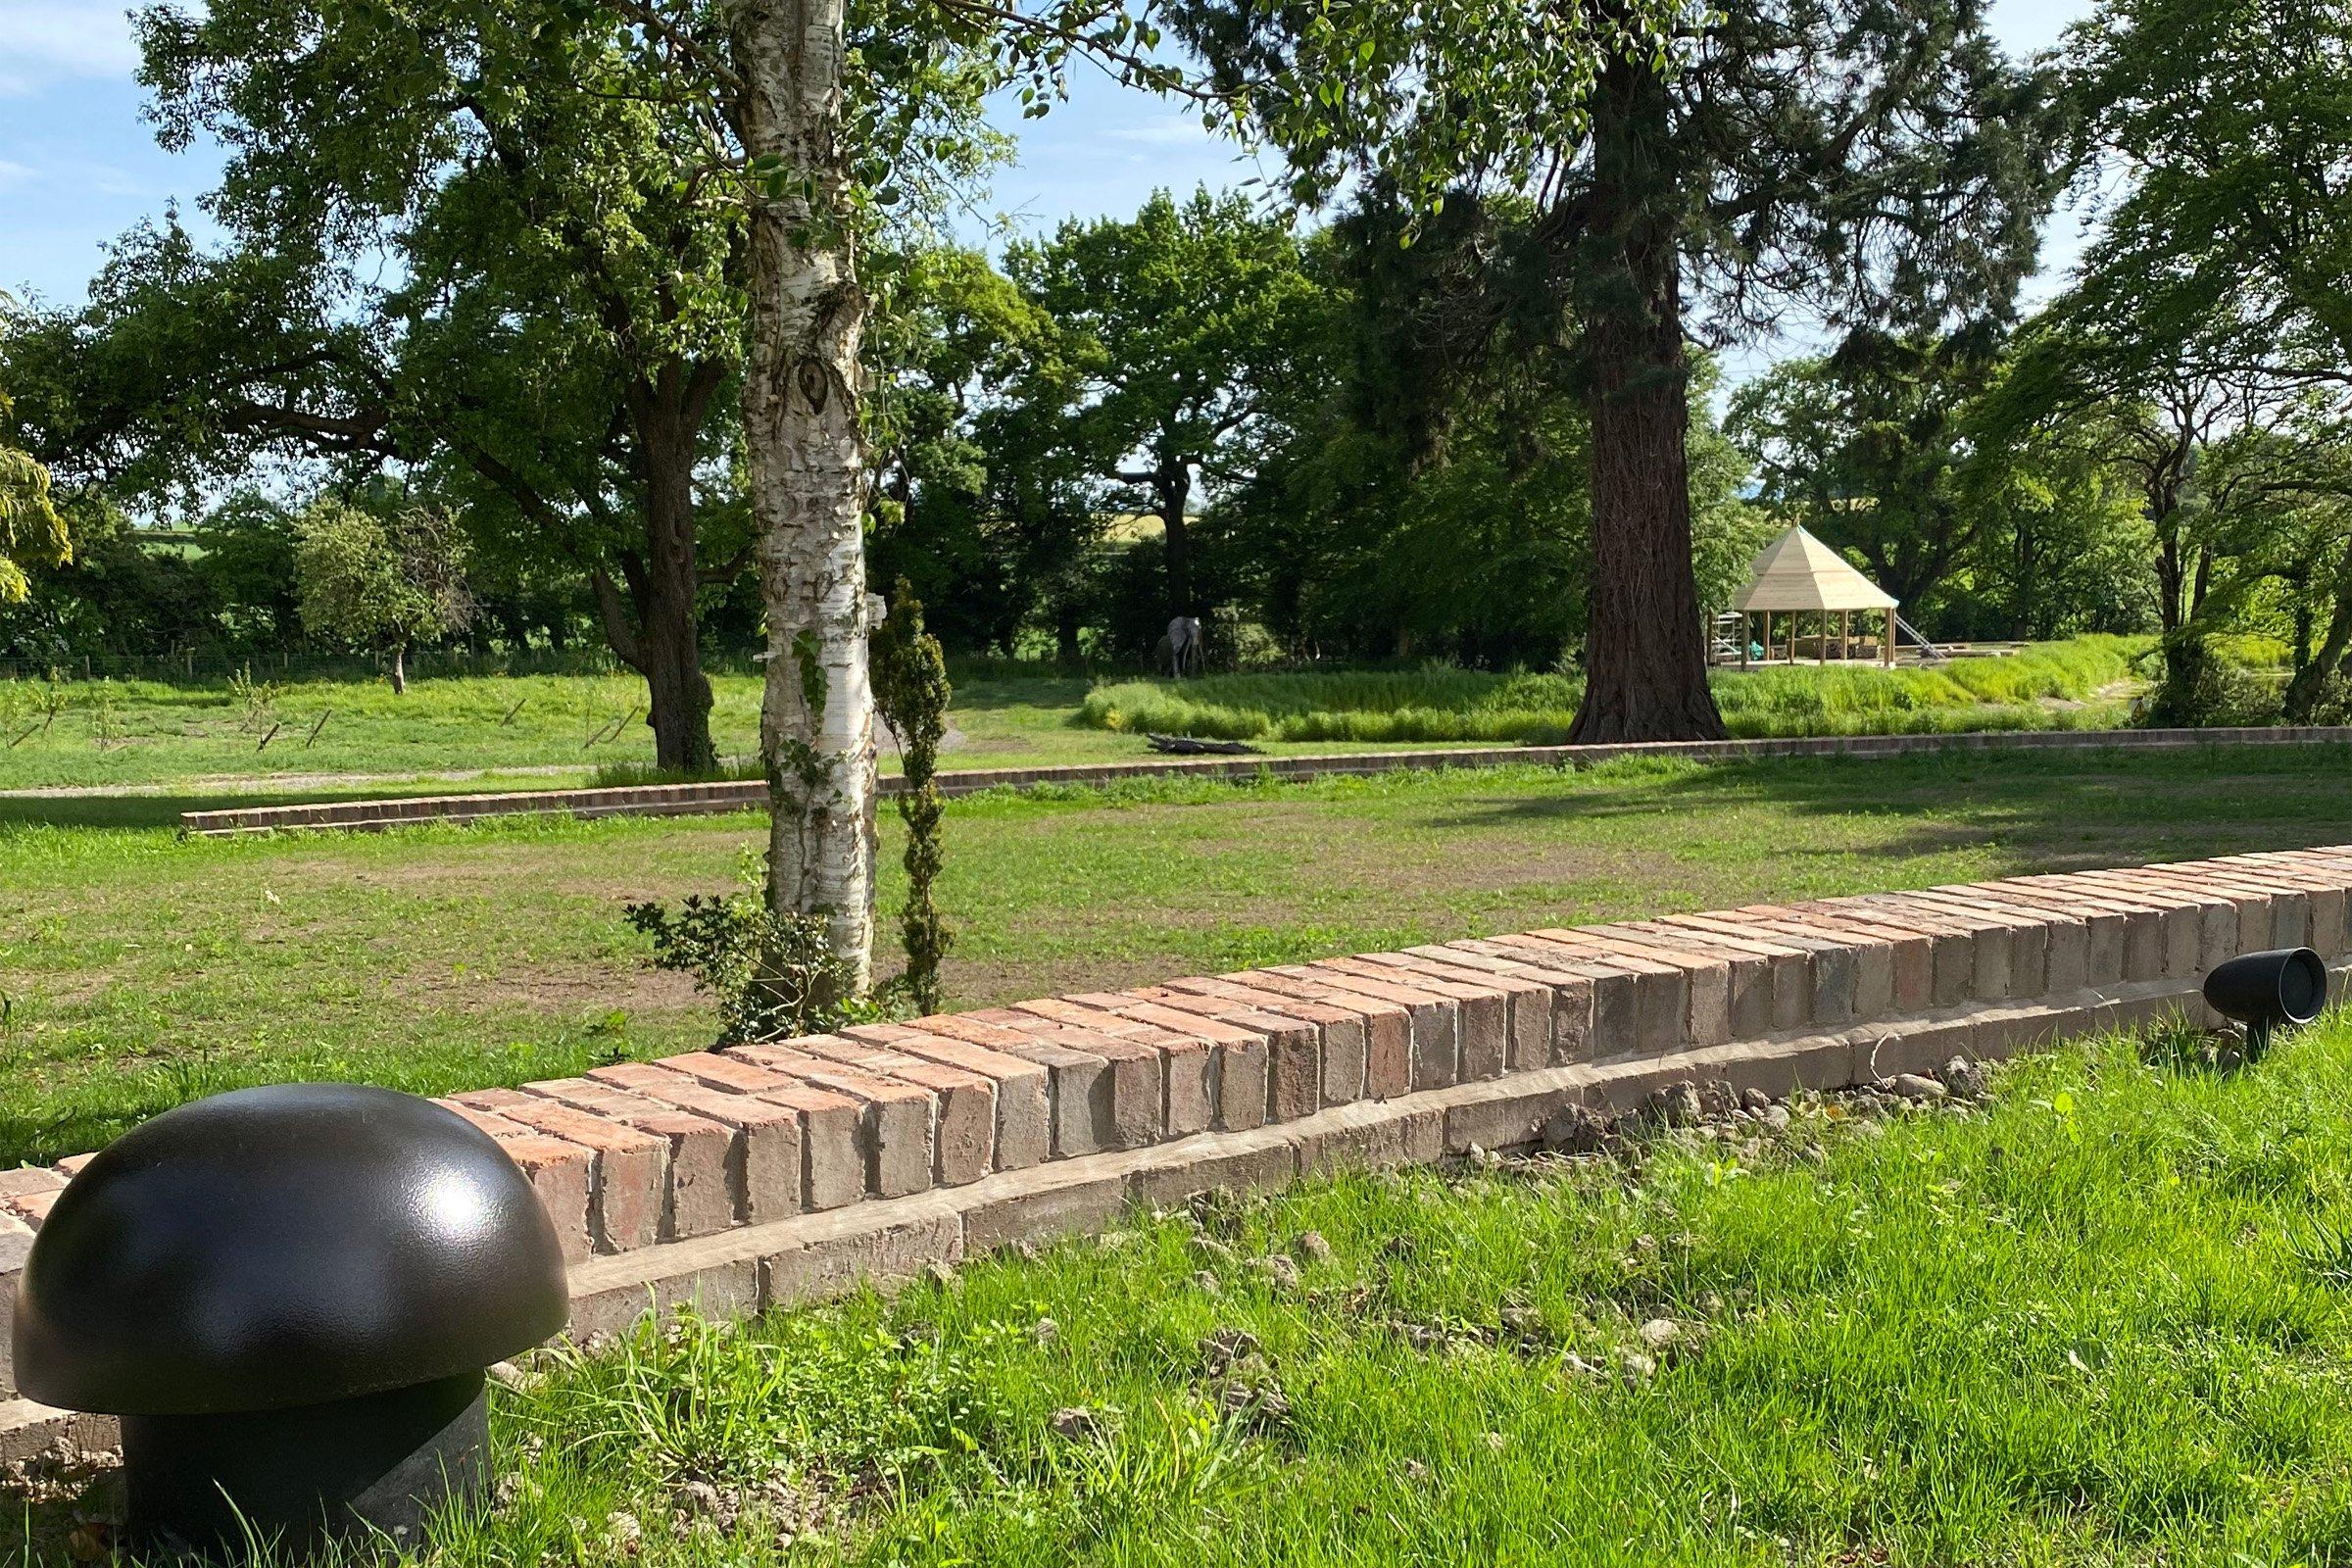 Sonance garden speaker system